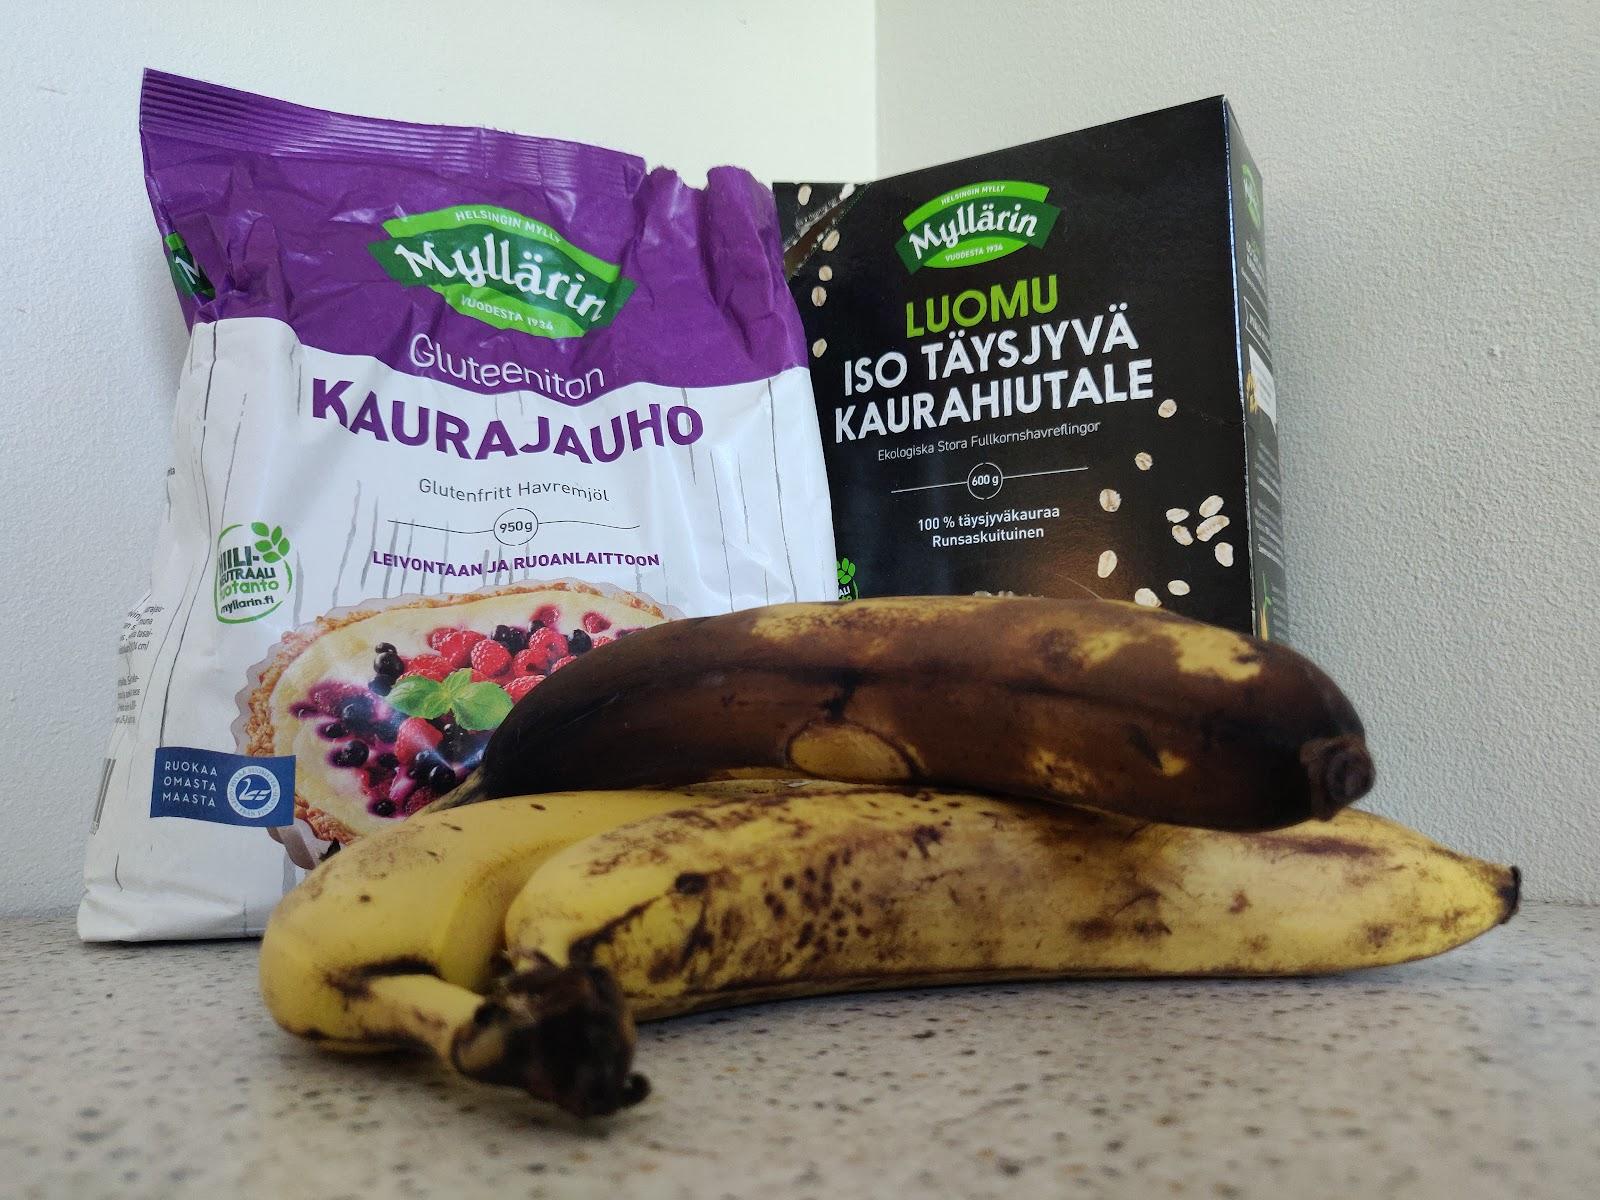 Myllärin Gluteenittomista Kaurajauhoista, Myllärin Isoista Täysjyvä Kaurahiutaleista ja banaaneista syntyy pohja banaanileivälle.